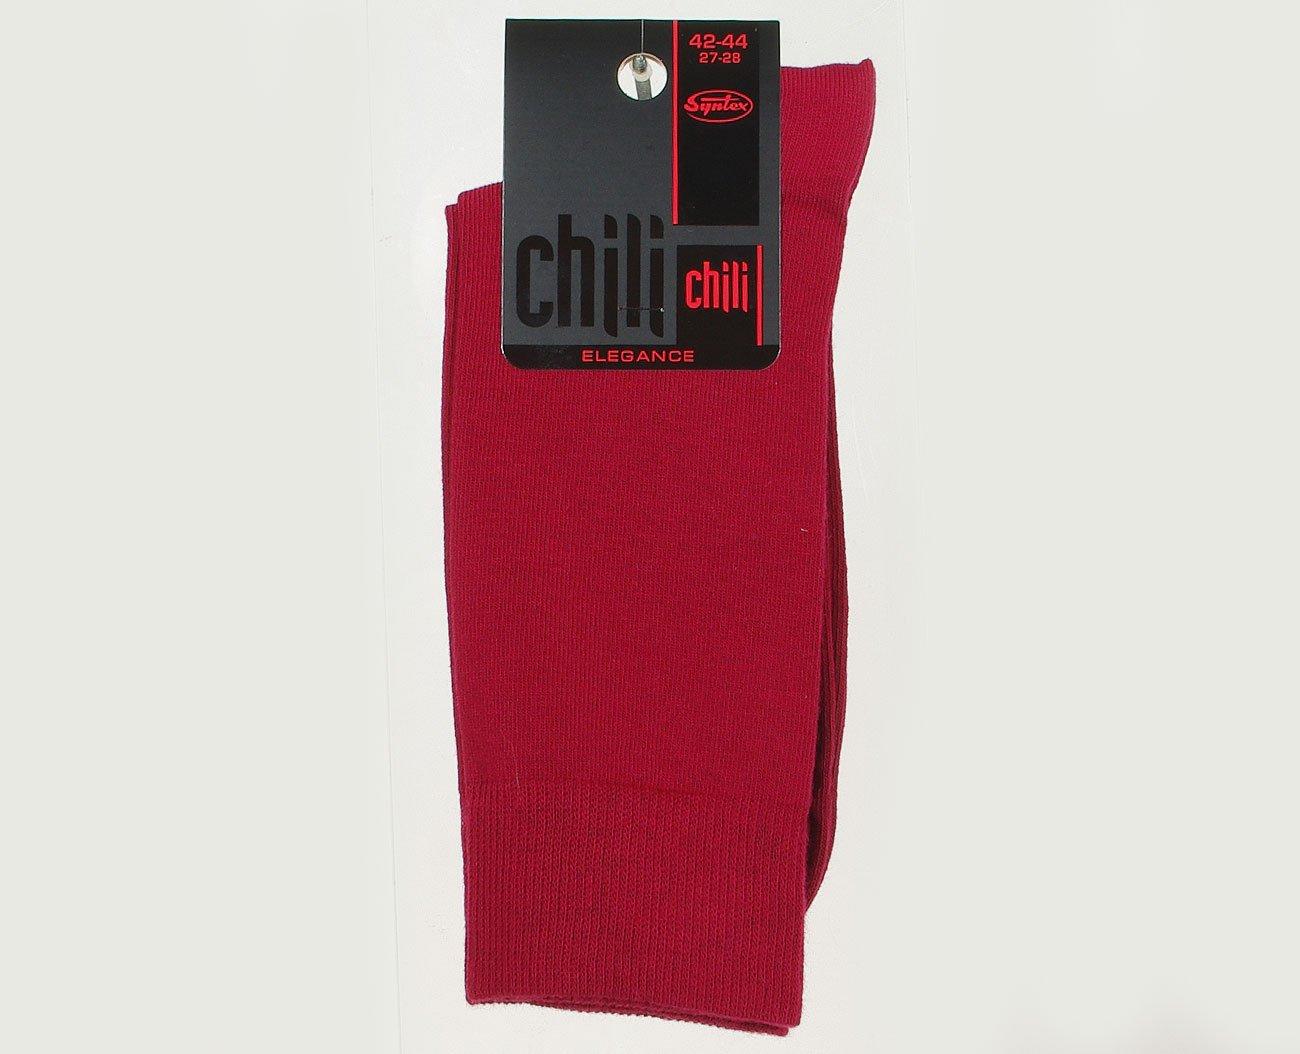 Chili Elegance paski bordo skarpety